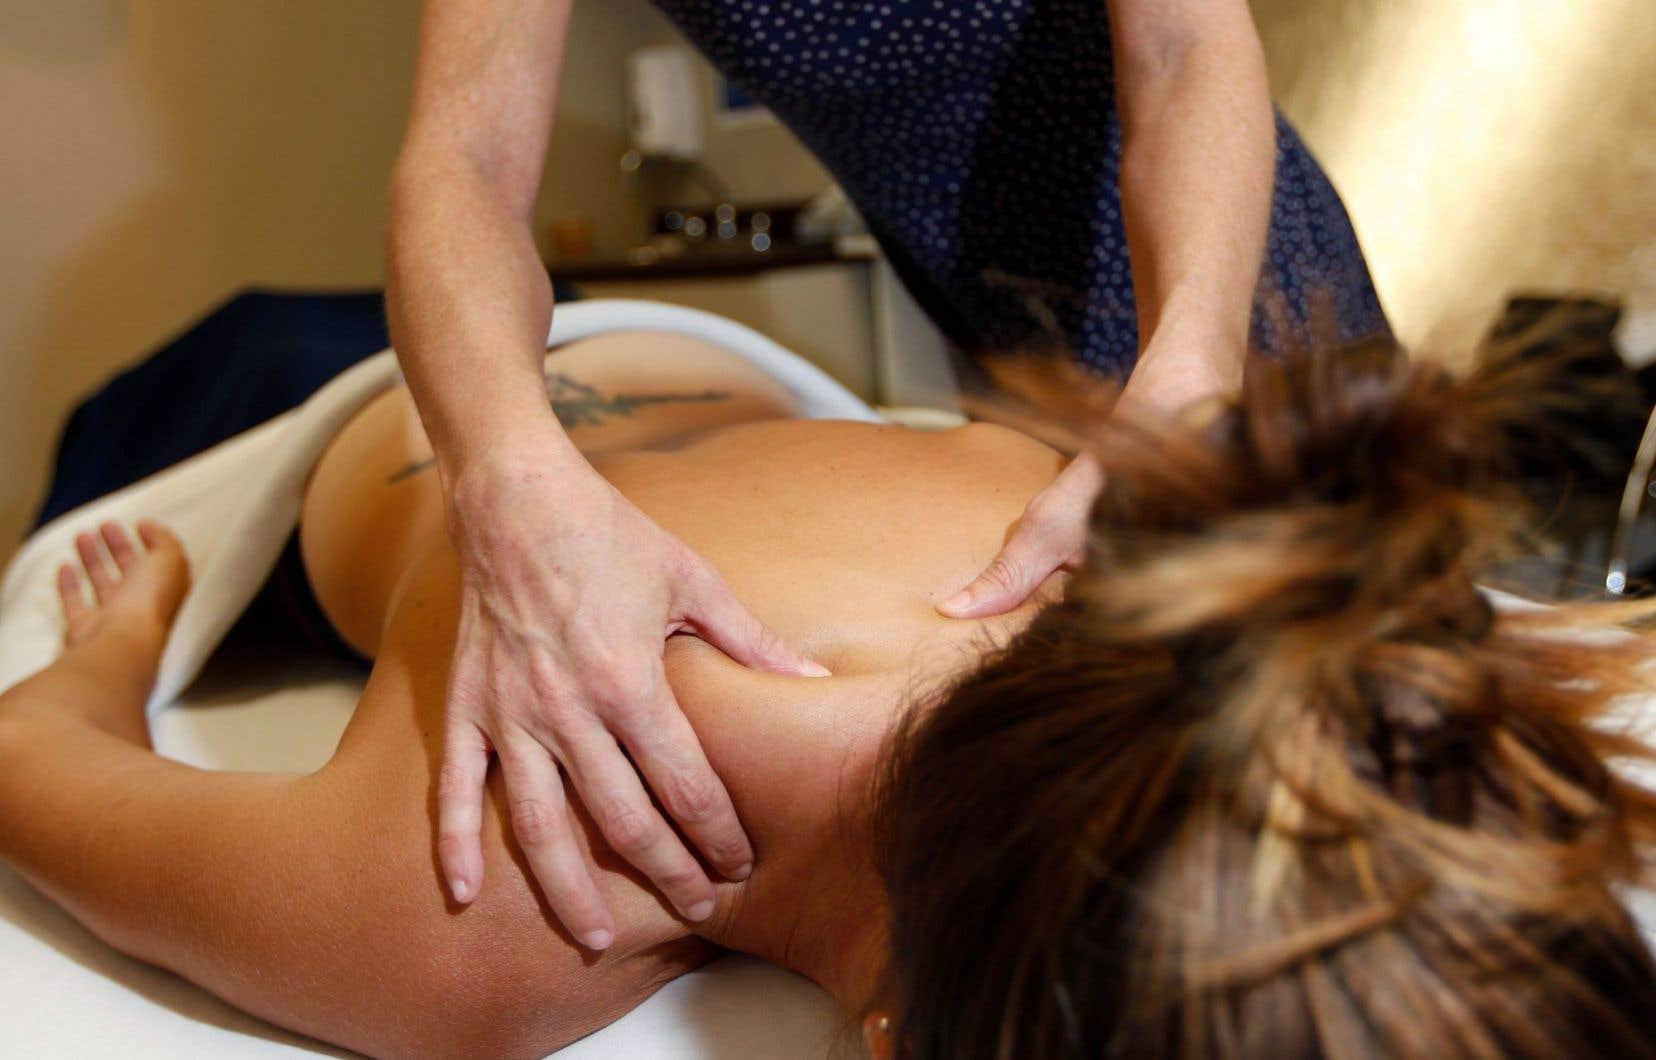 Erotique trois rivieres salon massage Accueil